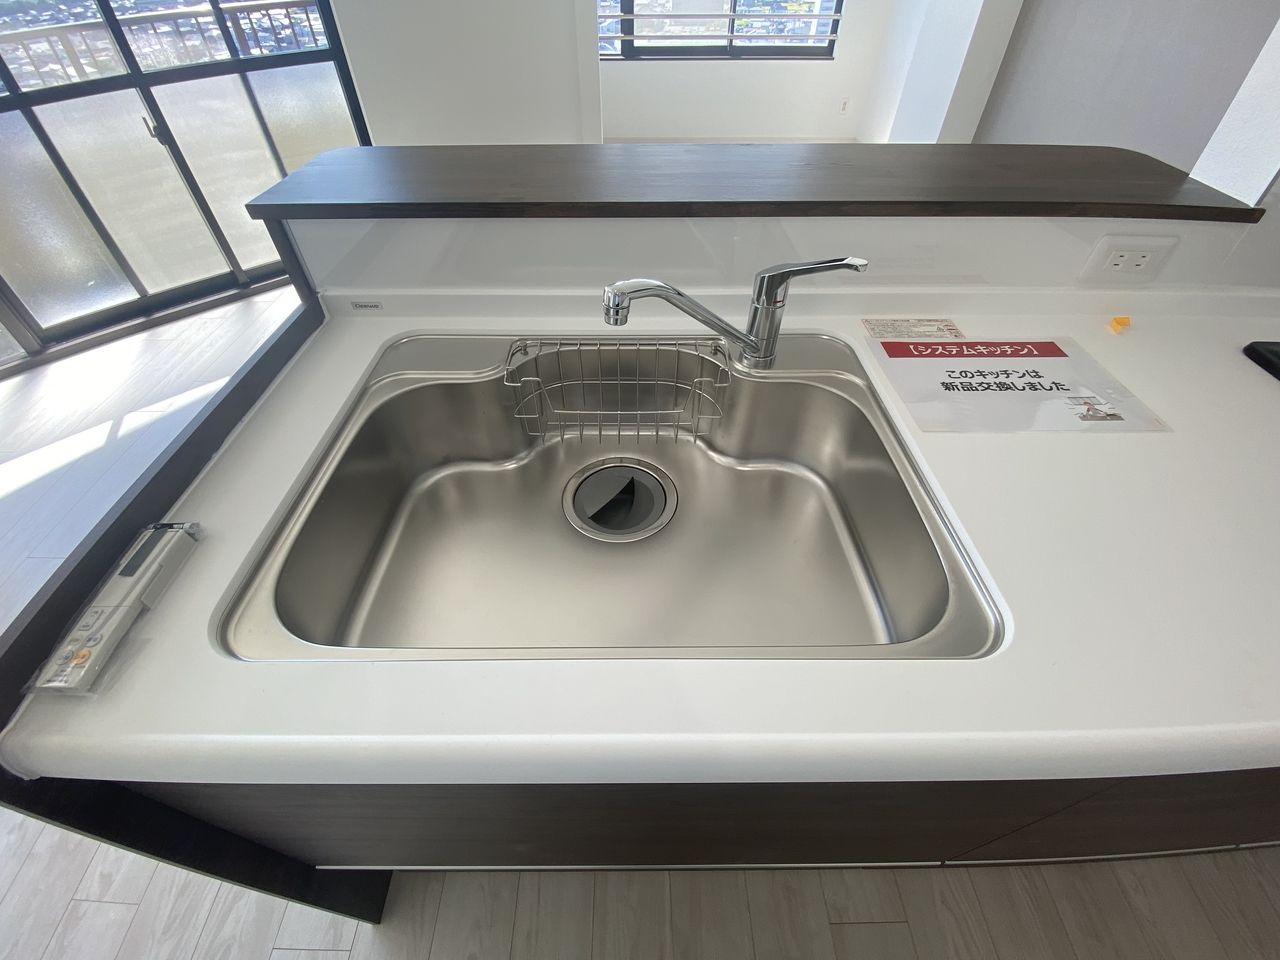 ステンレスは非常に固いことから衝撃を受けても変形しにくいのが特徴です。汚れが付着しても軽く拭くだけで綺麗に除去出来るのでキッチンを清潔に保つのに最適です。